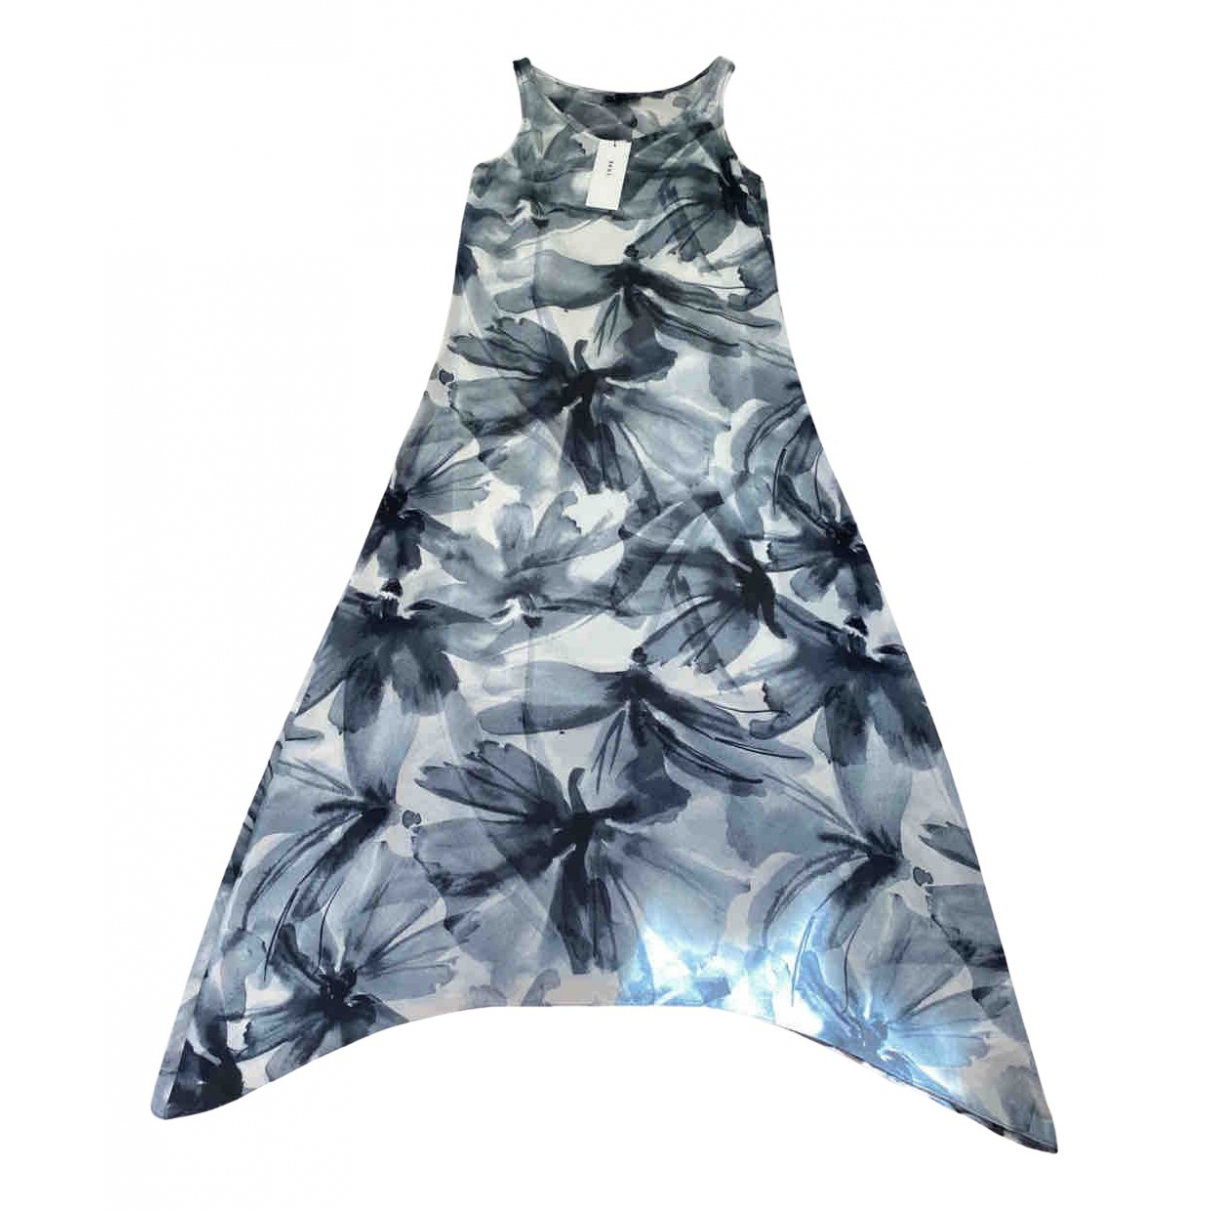 Dkny \N Kleid in  Bunt Polyester